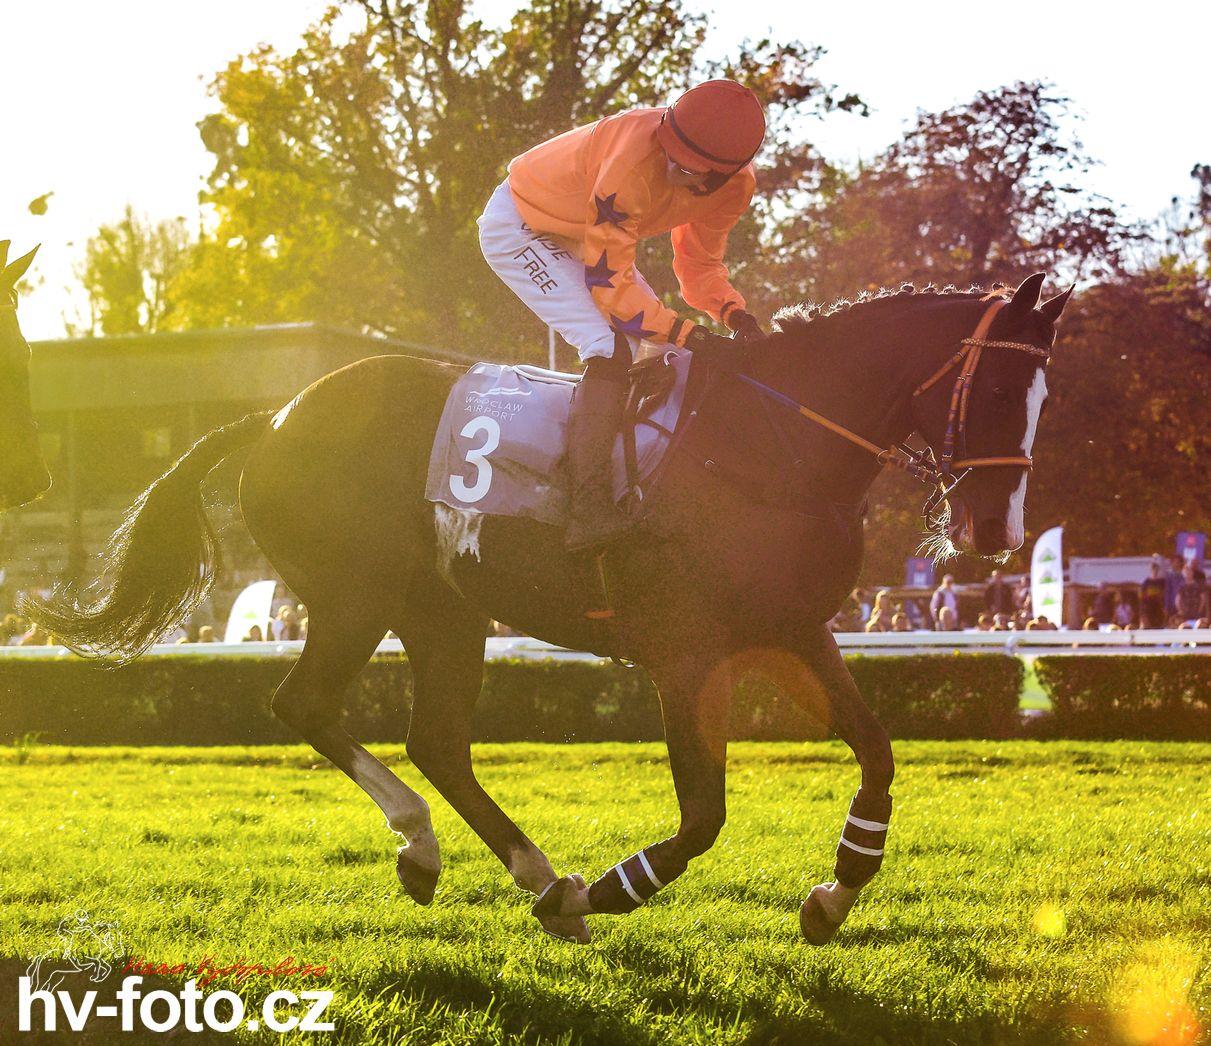 f-19-36_0108.jpg